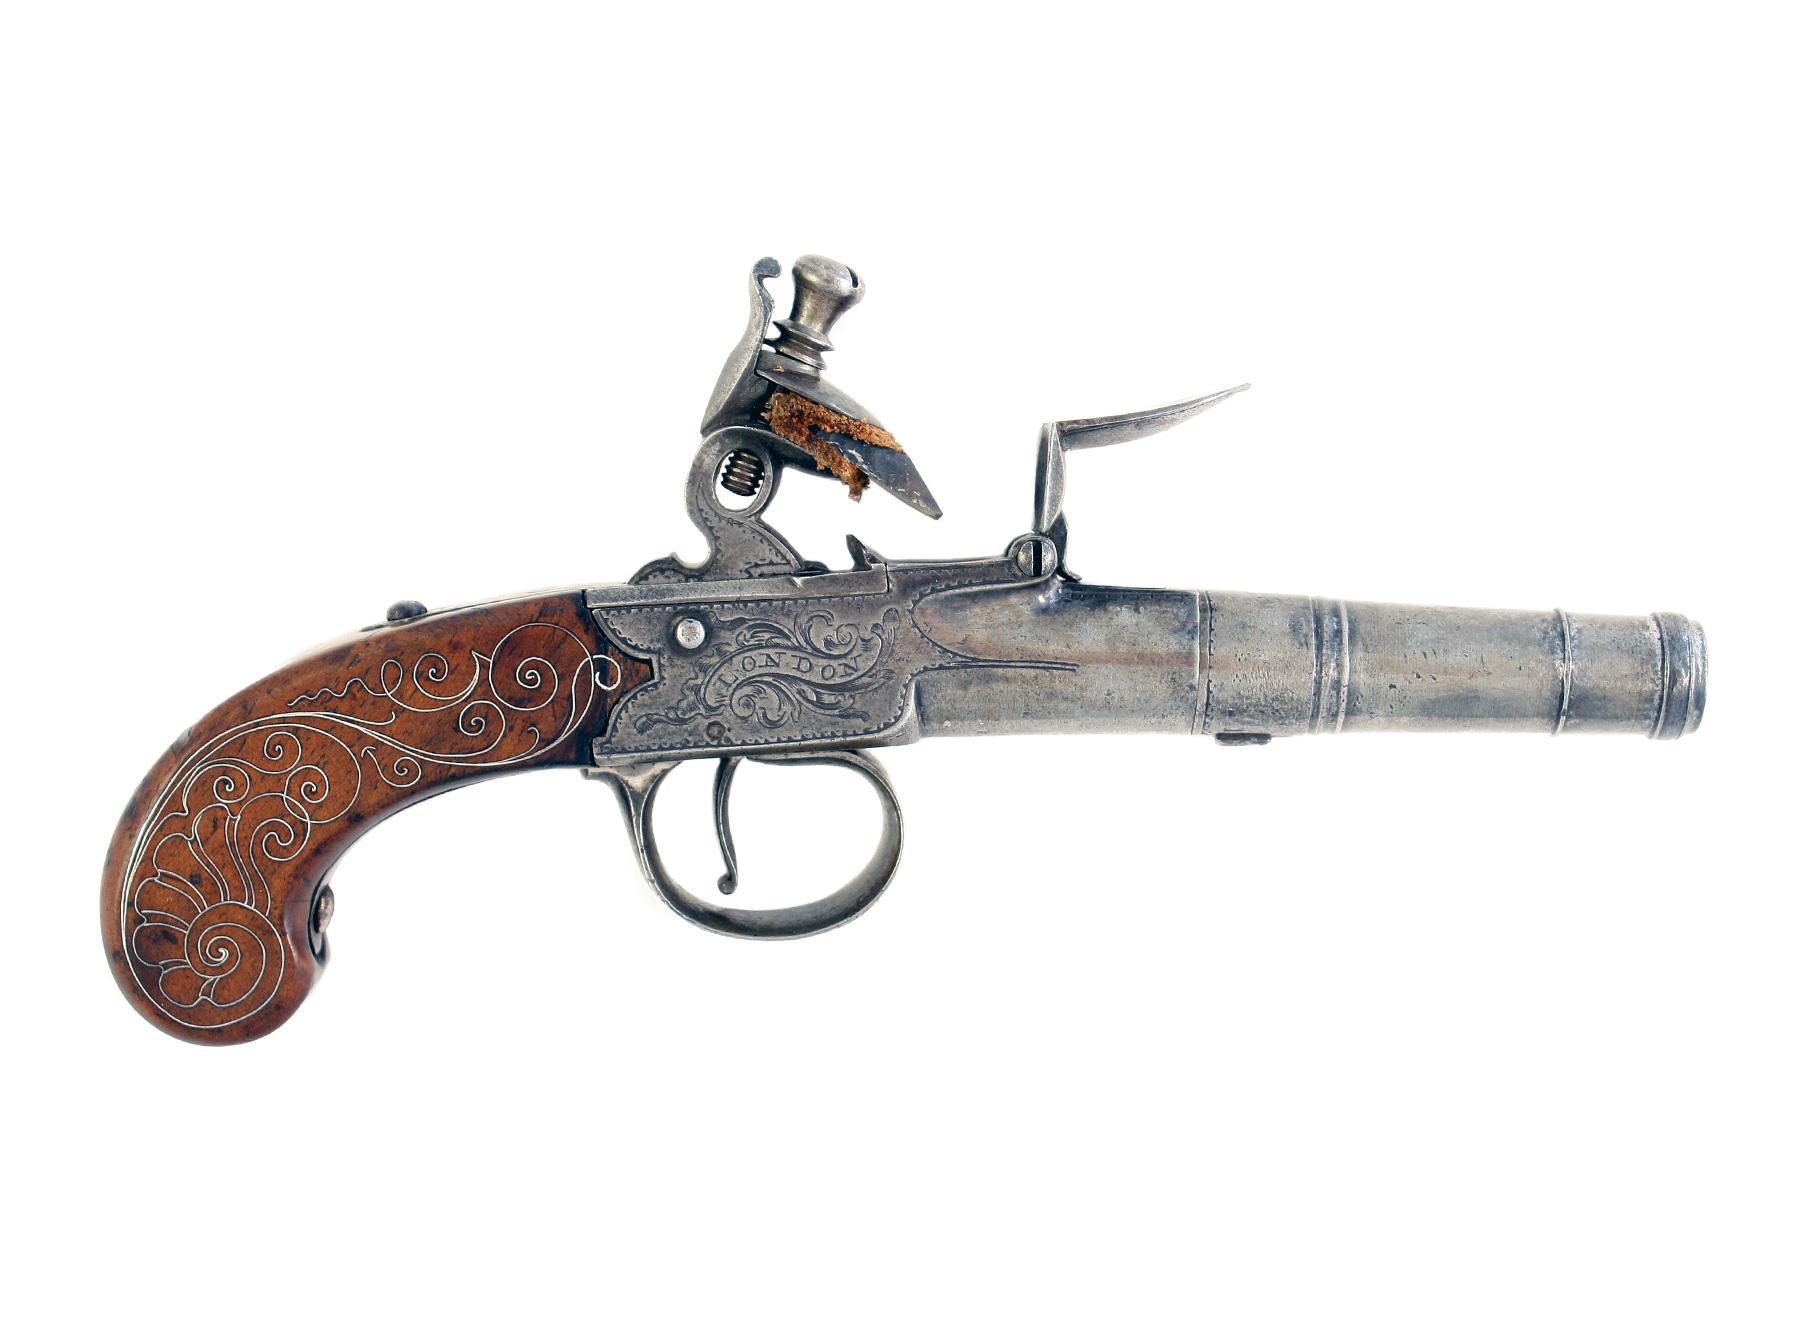 A Silver Mounted Flintlock Pocket Pistol by Bunney